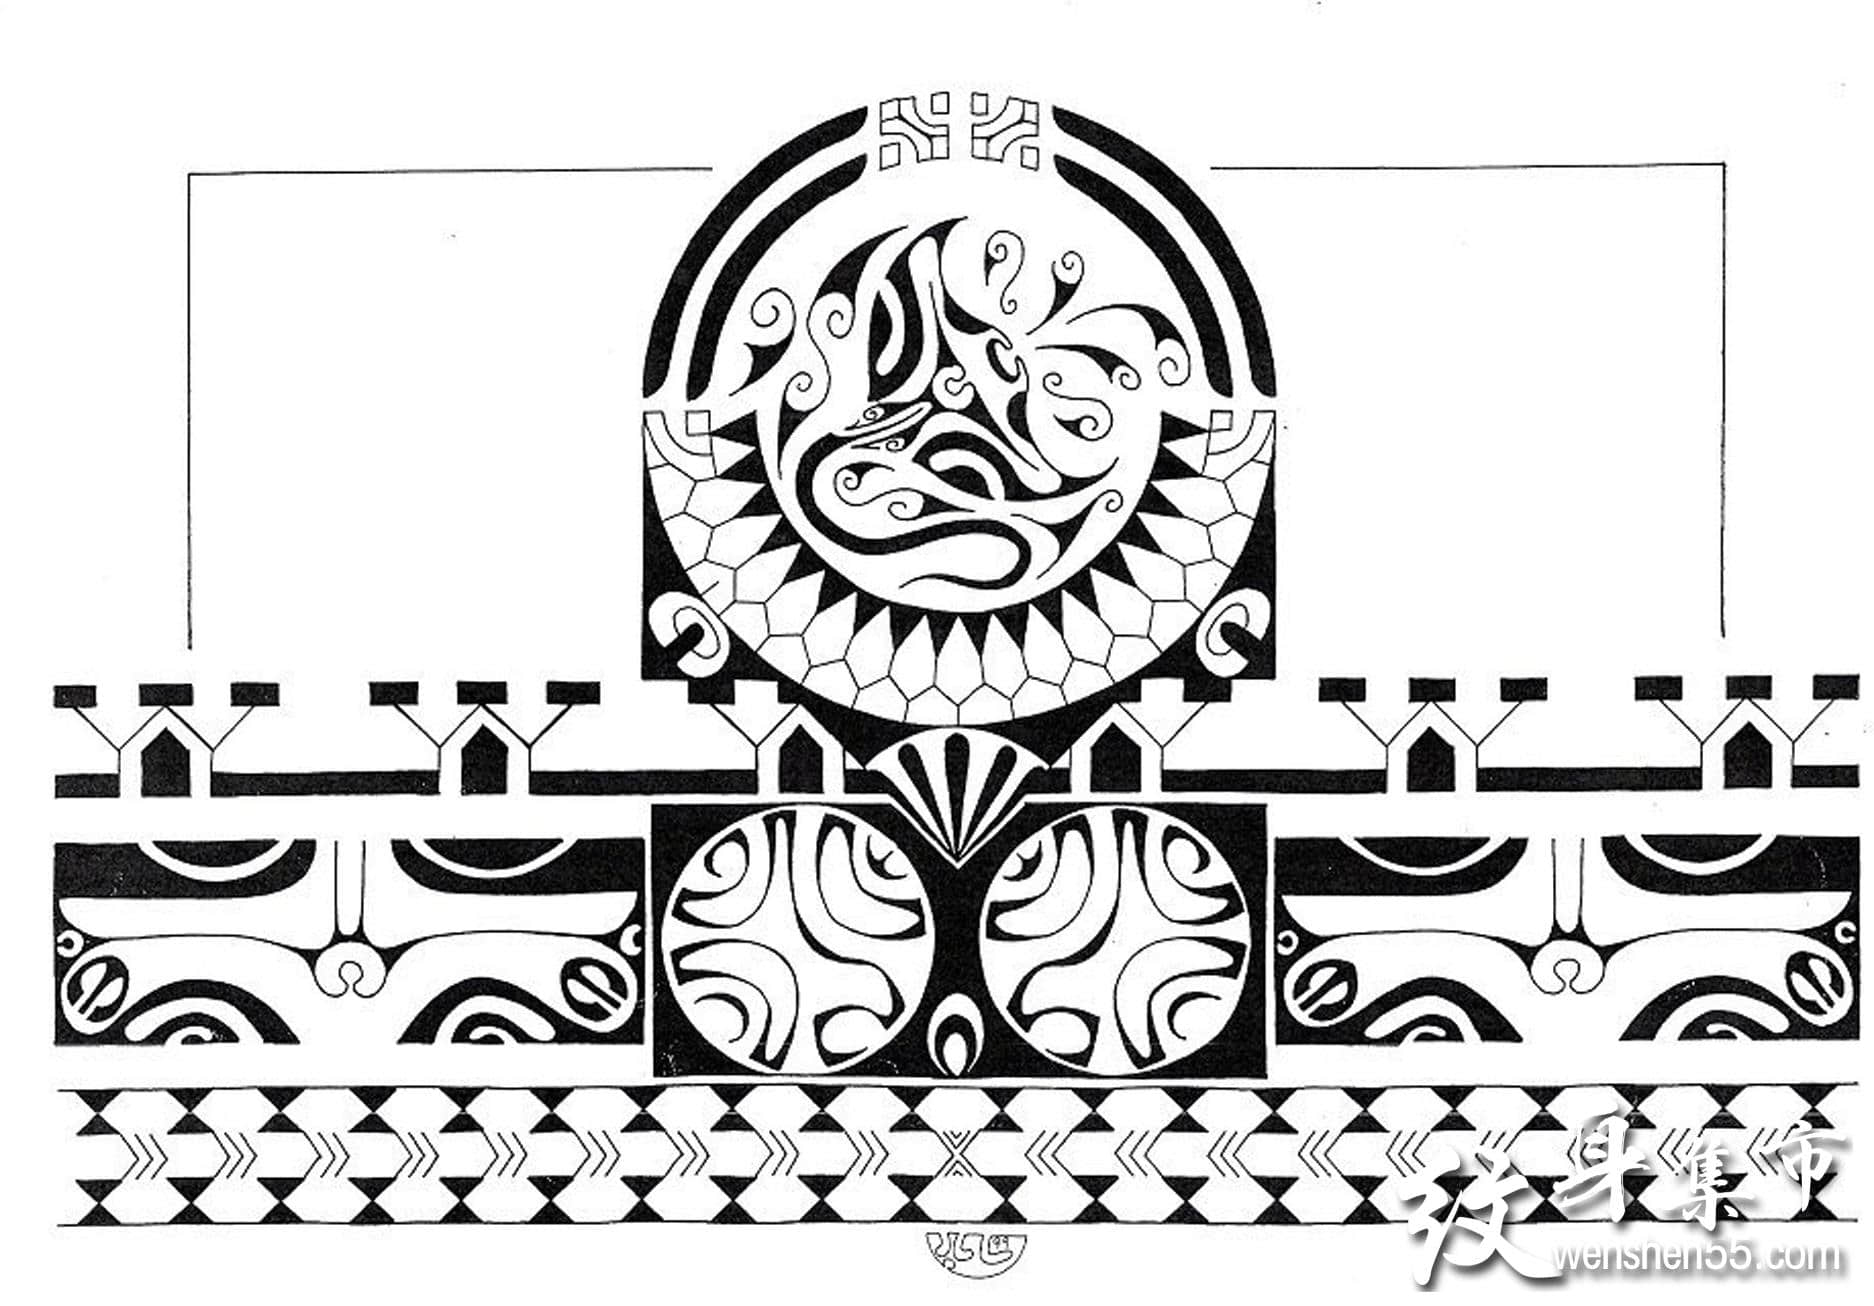 玛雅图腾纹身,玛雅图腾纹身手稿,玛雅图腾纹身手稿图案2